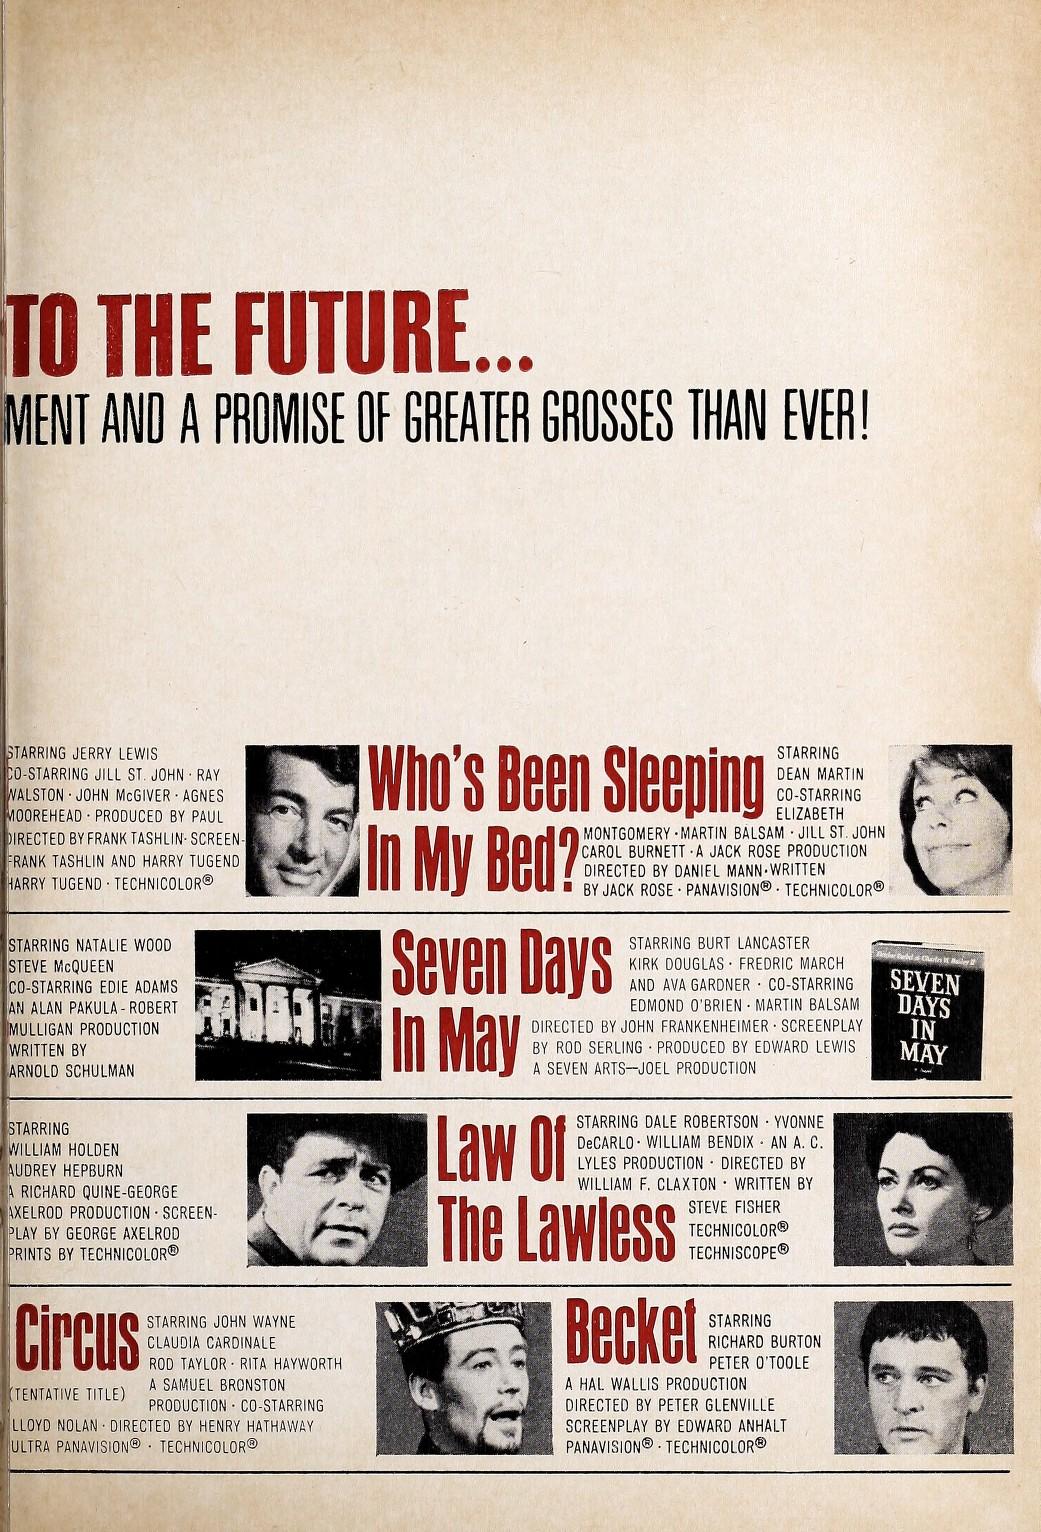 196364yearbookca00film_jp2.zip&file=196364yearbookca00film_jp2%2f196364yearbookca00film_0079